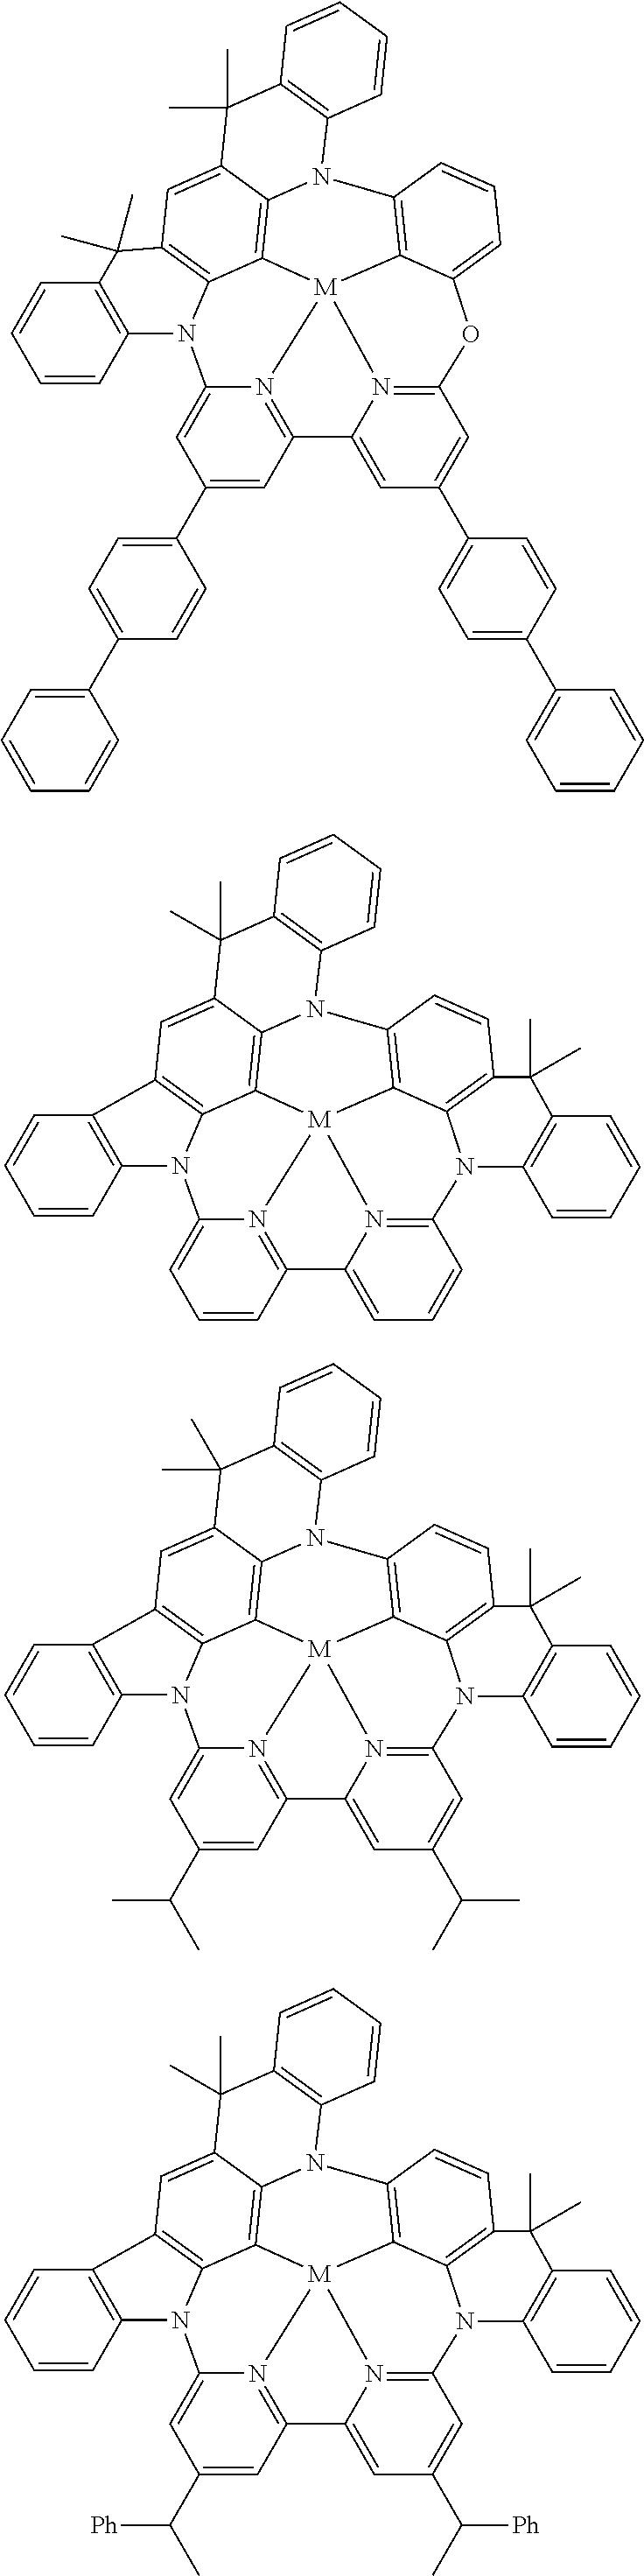 Figure US10158091-20181218-C00223